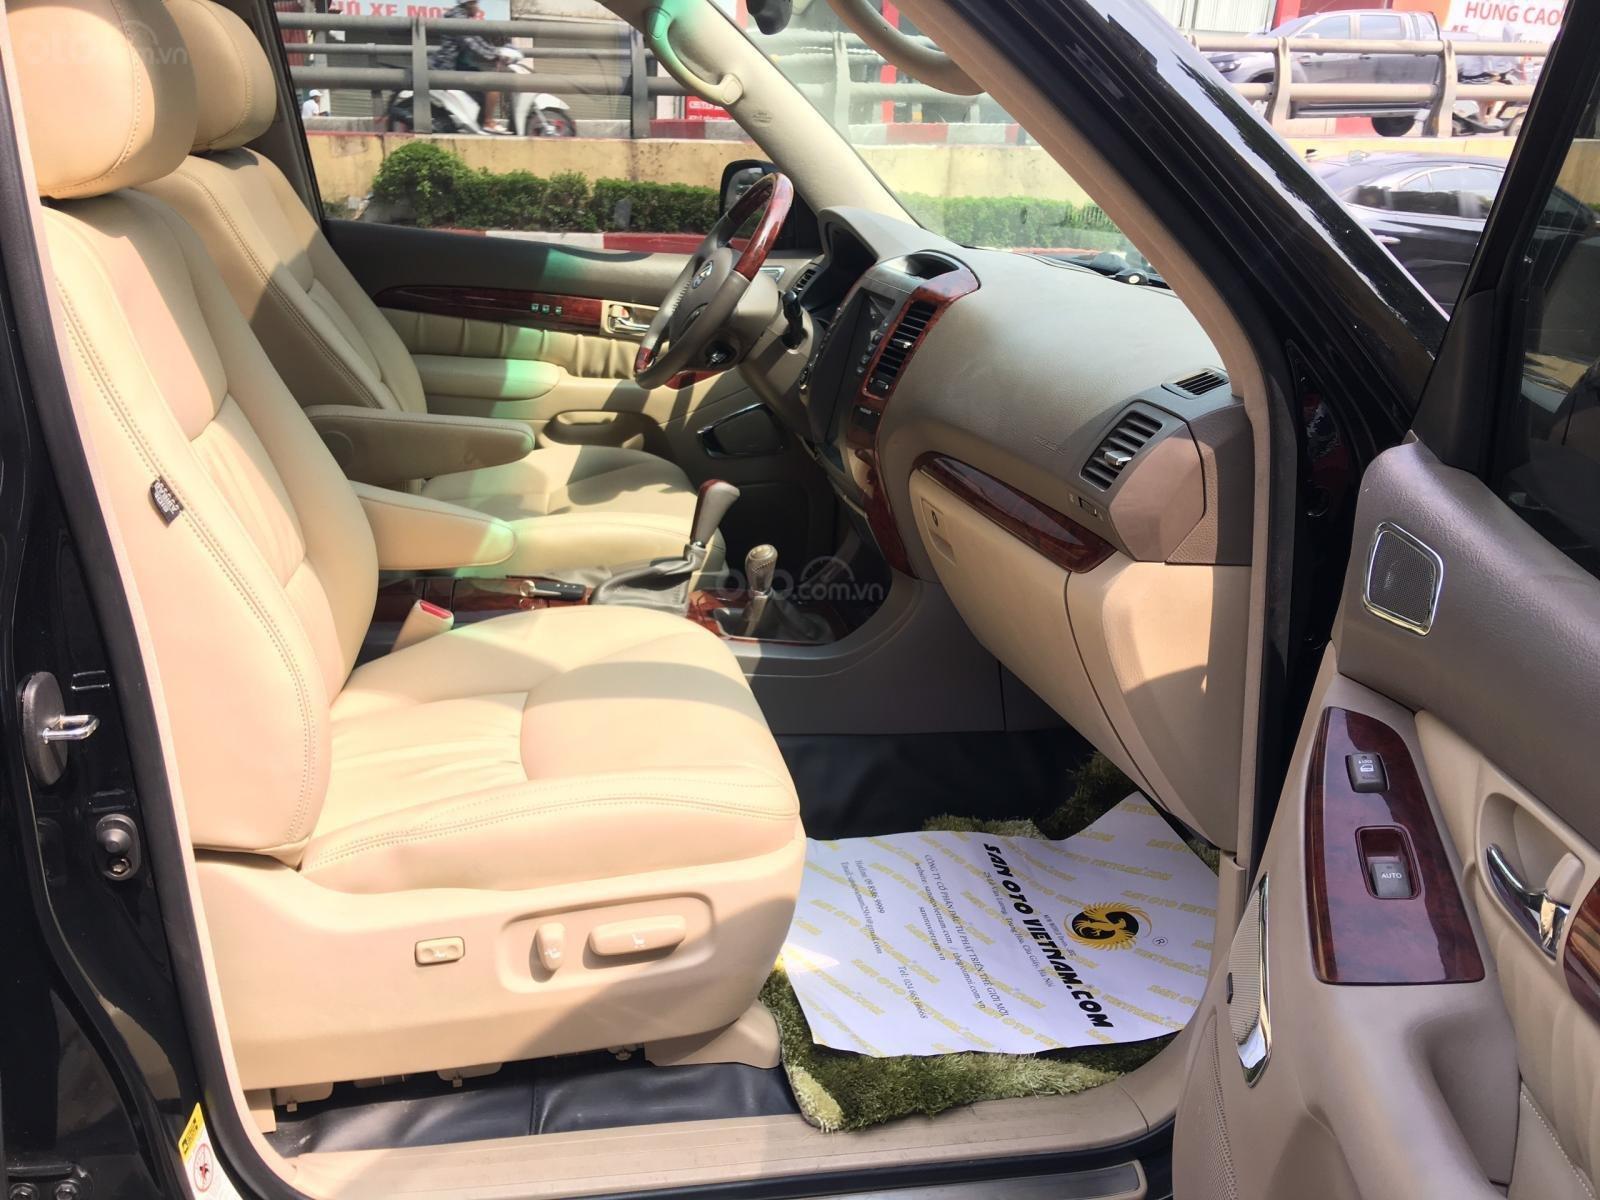 Bán xe Lexus GX 470 4.7 SX 2009, ĐKLĐ 2015, nhập khẩu (10)